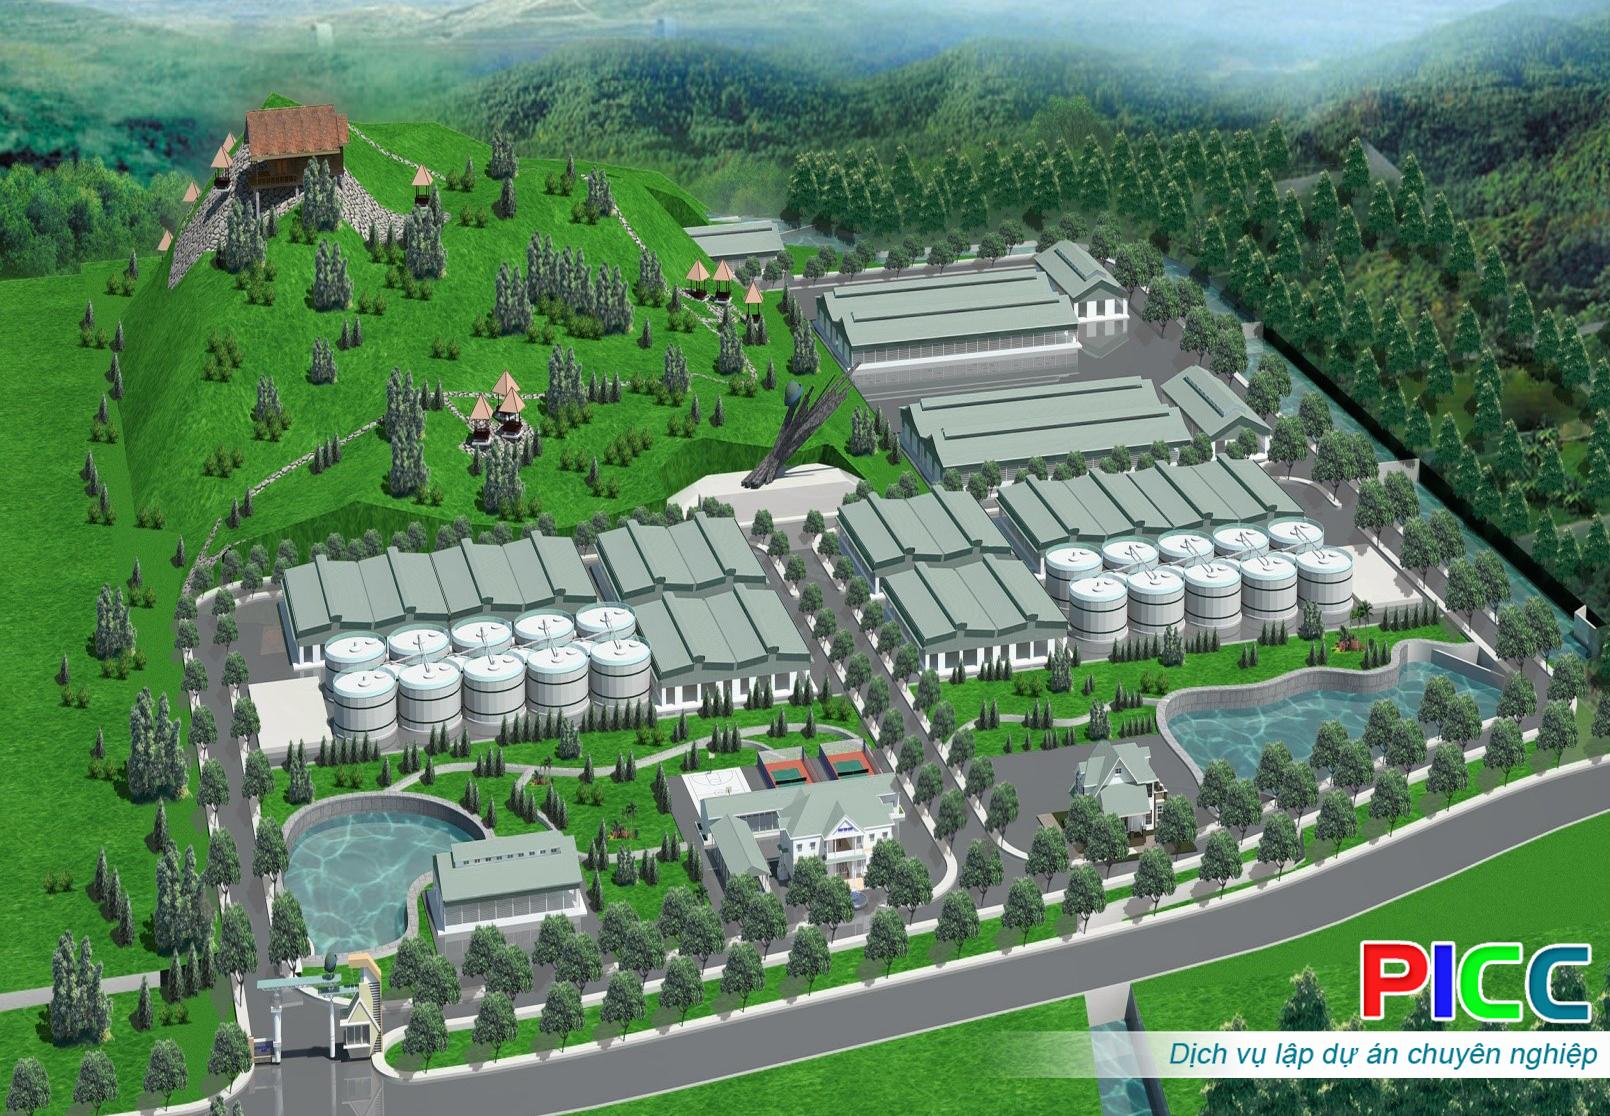 Nhà máy xử lý chất thải rắn tỉnh Ninh Bình